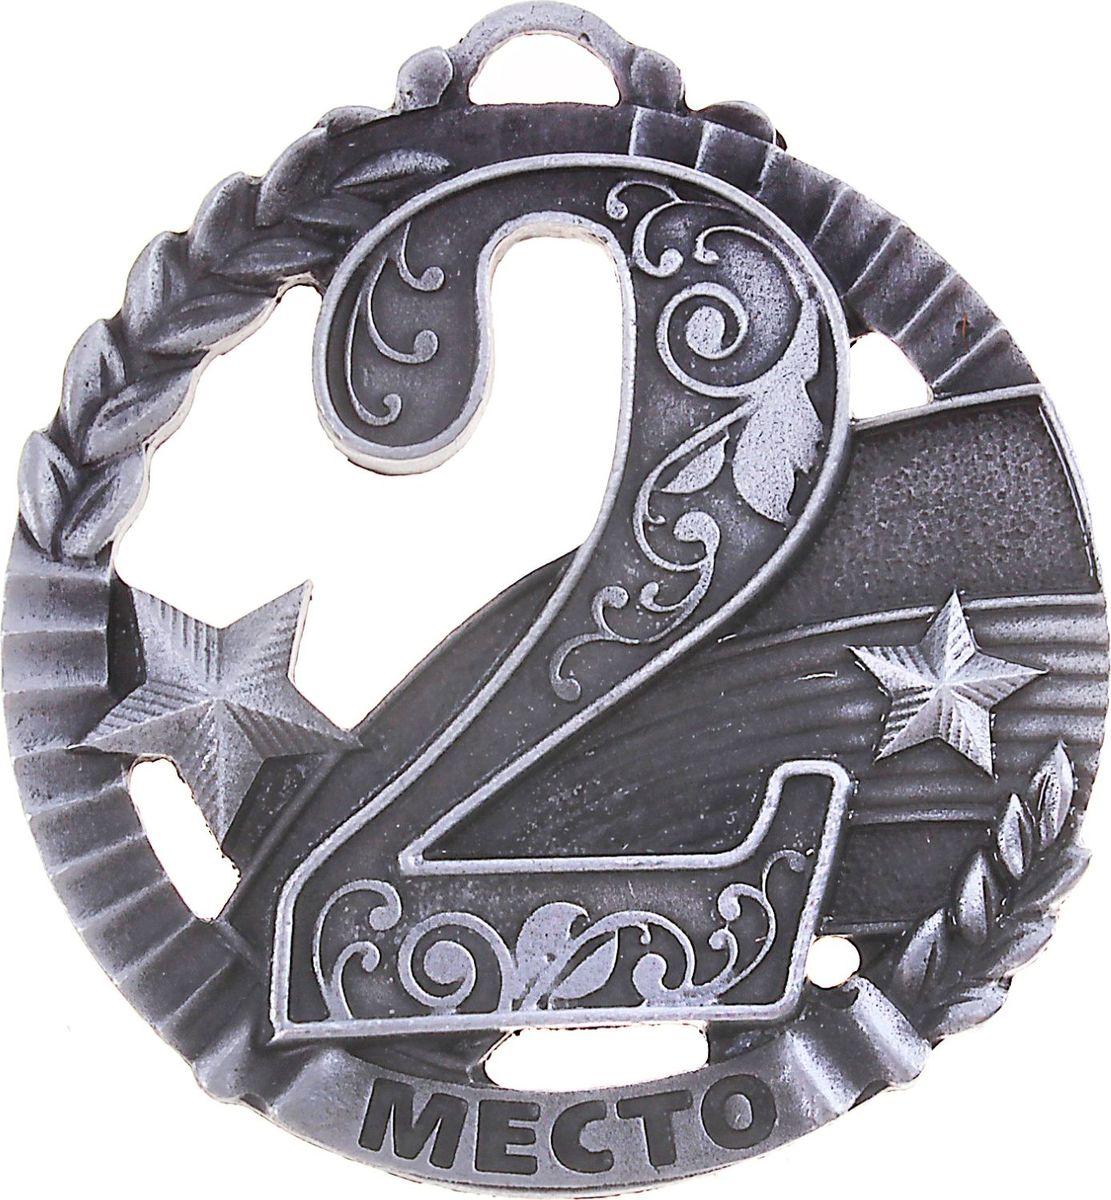 Медаль сувенирная 2 место, цвет: серебристый, диаметр 5 см. 007653444Эта универсальная медаль с классическим дизайном подойдёт для любых соревнований. вы сможете дополнить её персональной гравировкой или корпоративной символикой.Если необходимо подчеркнуть важность домашнего или корпоративного спортивного мероприятия, то оригинальным и запоминающимся итогом соревнований будет вручение медалей участникам и победителям. Диаметр медали: 5 см. Сверху расположено отверстие для крепления ленты.